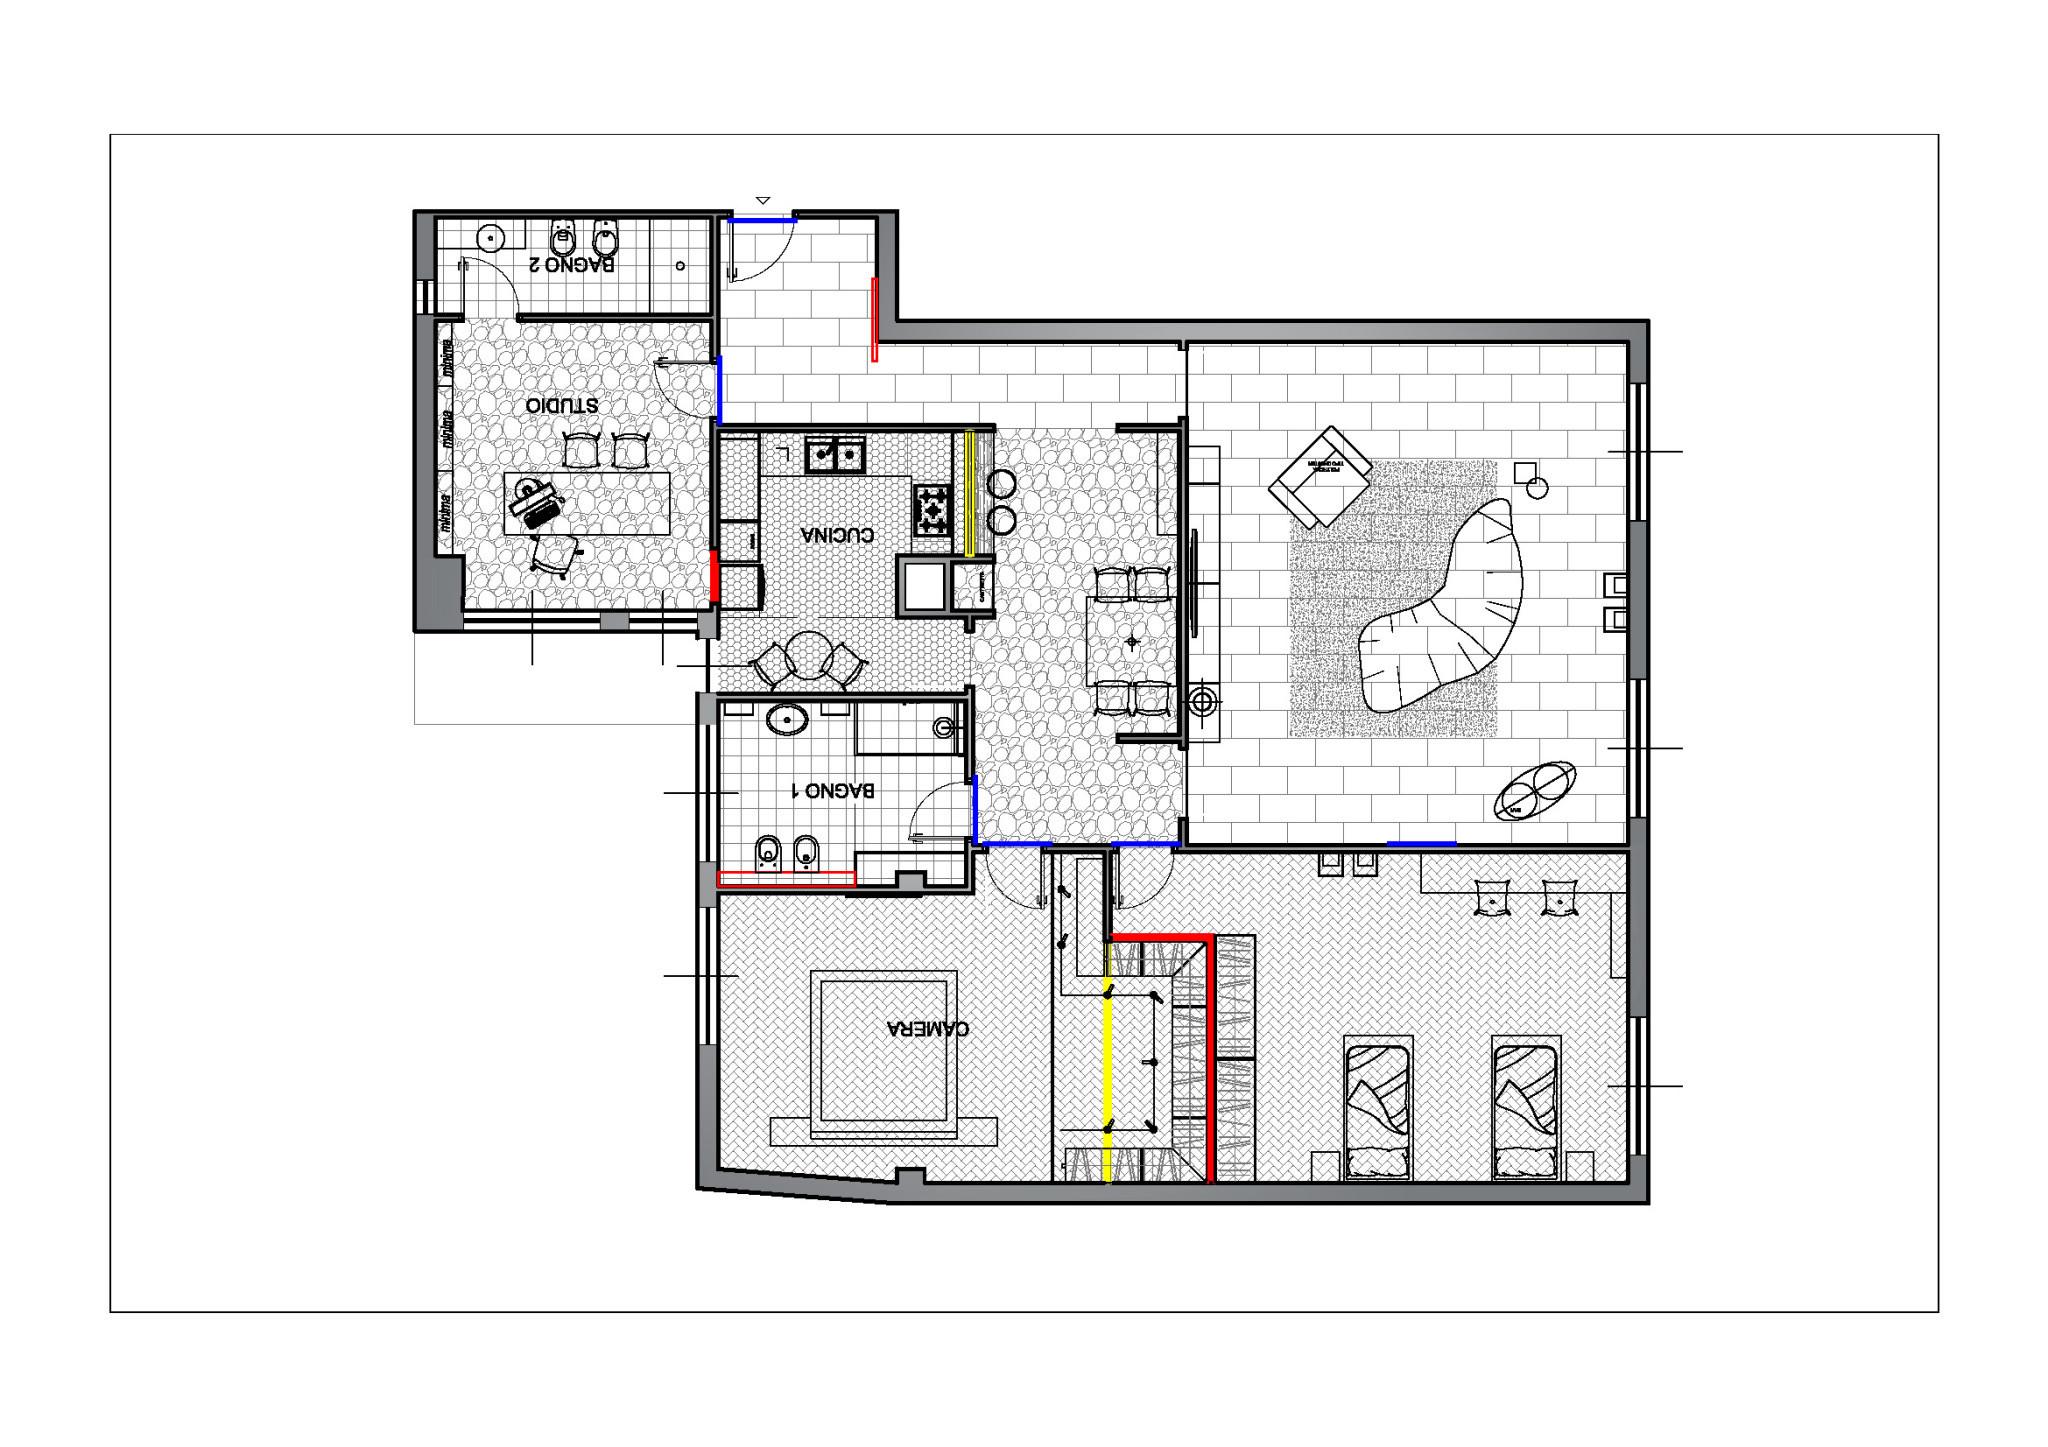 Come ristrutturare casa 2 progetti da copiare artheco for Ristrutturazione casa anni 70